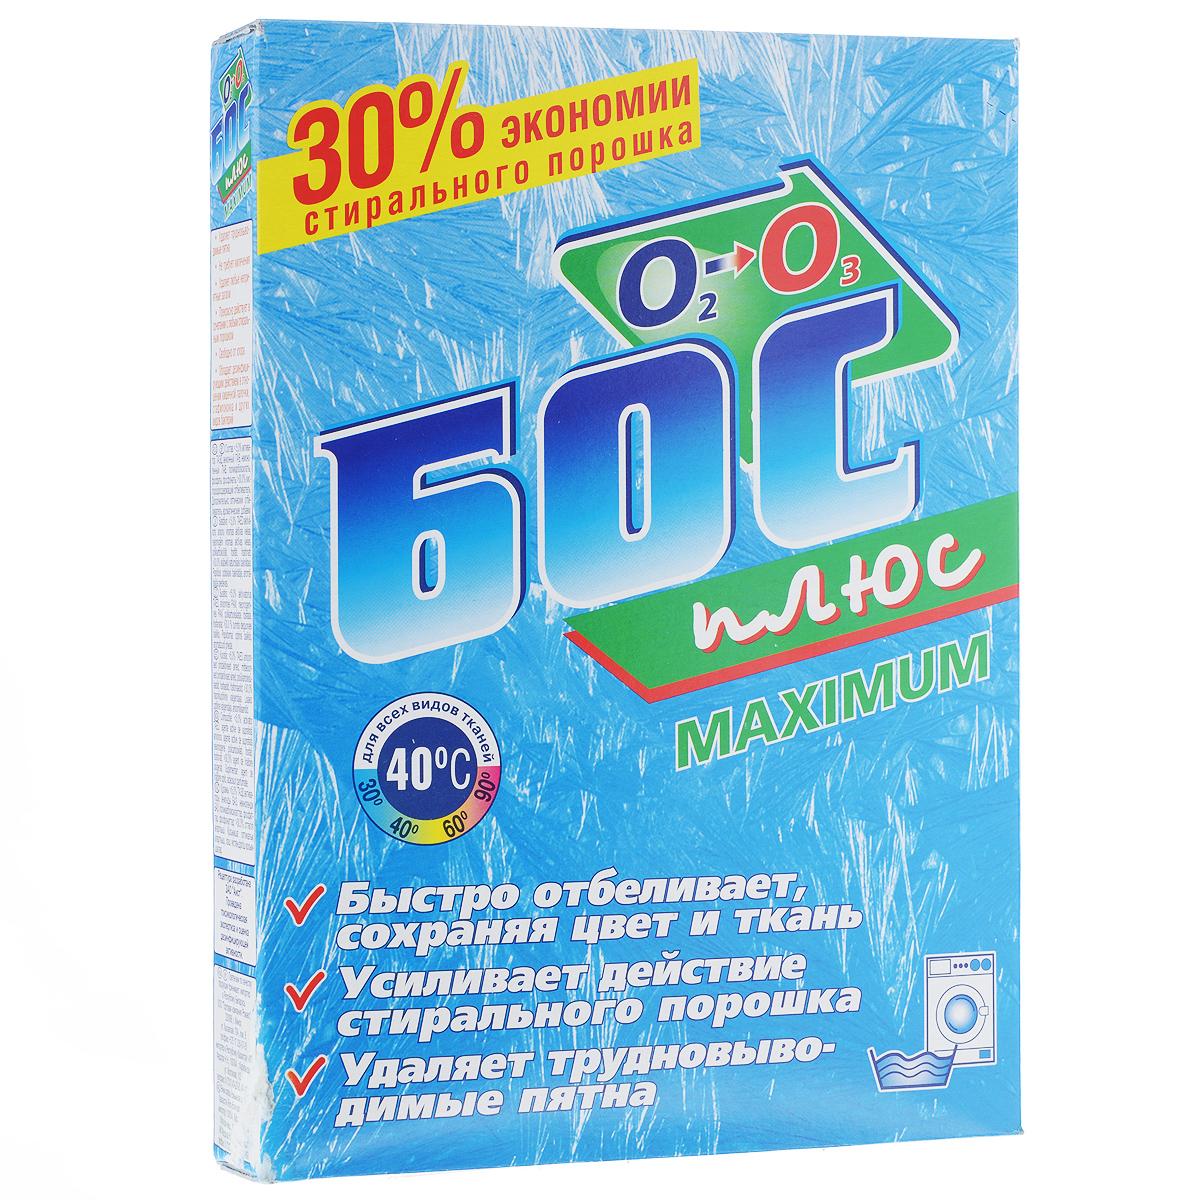 Средство отбеливающее Аист Бос-плюс maximum, 600 г4302000003Средство Аист Бос-плюс maximum предназначено для отбеливания хлопчатобумажных, льняных, смесевых, синтетических тканей, а также дезинфицирования тканей и поверхностей. Усиленная формула с максимальным содержанием кислорода специально разработана для отбеливания без кипячения всех видов тканей при низких температурах (30° - 50°C). Аист Бос-плюс maximum обеспечивает мягкое воздействие на ткань и сохраняет цвет, а вам гарантирует безопасность. Средство Аист Бос-плюс maximum: - удаляет трудновыводимые пятна; - не требует кипячения; - удаляет любые неприятные запахи; - прекрасно действует в сочетании с любым стиральным порошком; - свободен от хлора; - обладает дезинфицирующим действием в отношении кишечной палочки, стафилококка и других видов бактерий.Состав: 30,0% кислородосодержащий отбеливатель. Дополнительно: оптический отбеливатель, ароматические добавки. Товар сертифицирован.